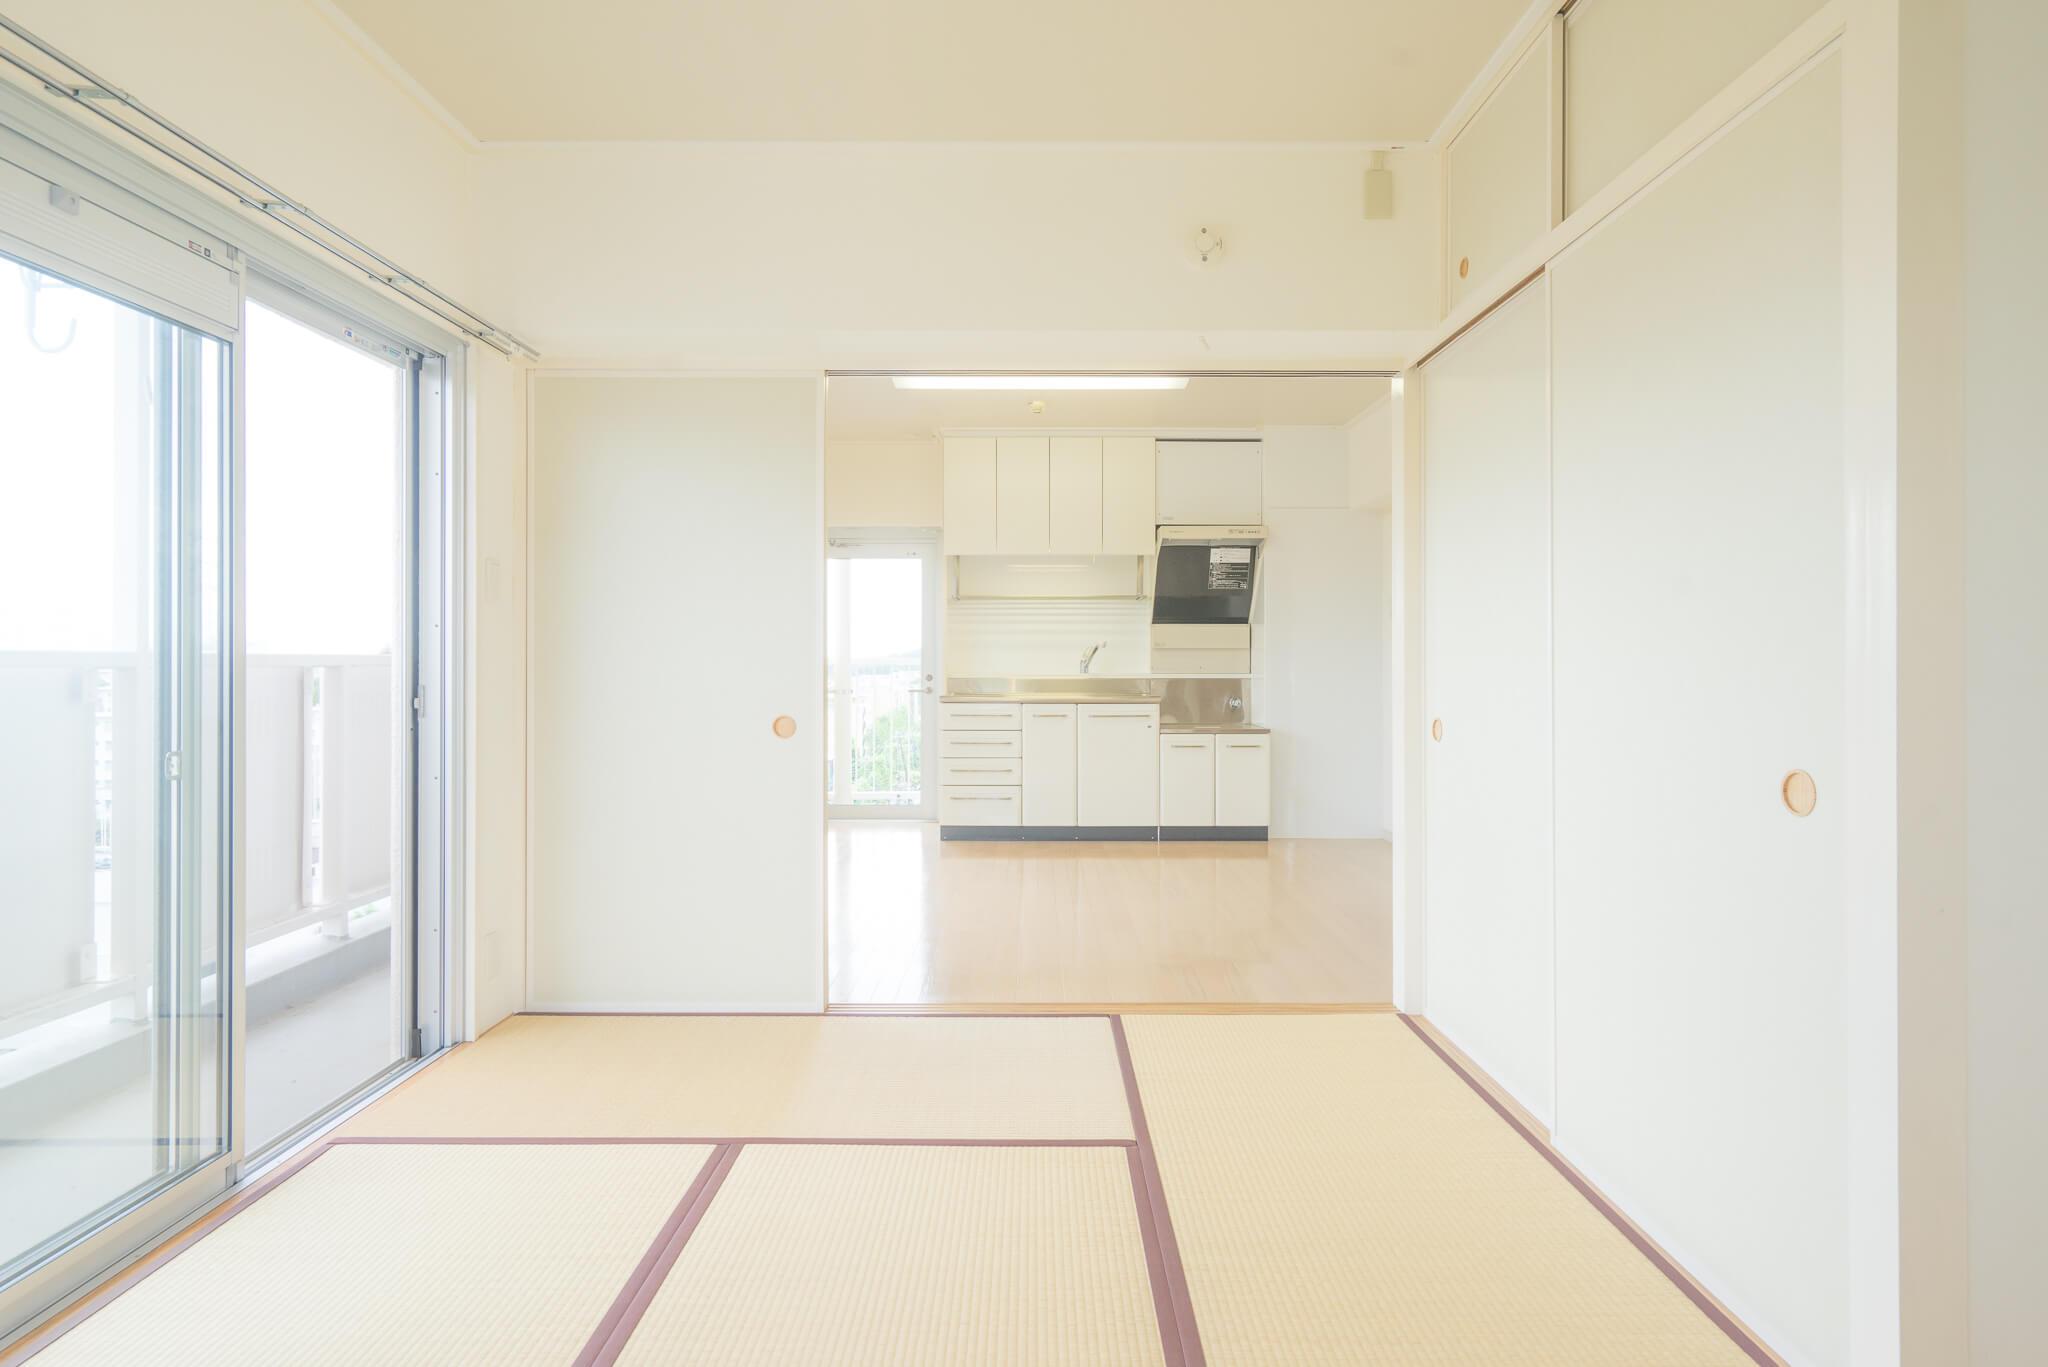 境さんおすすめの「WHITE & MAPLE」タイプ(3-17号棟 901号室/56㎡/8.53万円)は、畳縁のえんじ色がポイント。ちょっと洋風のスタイルにも合うようになっています。